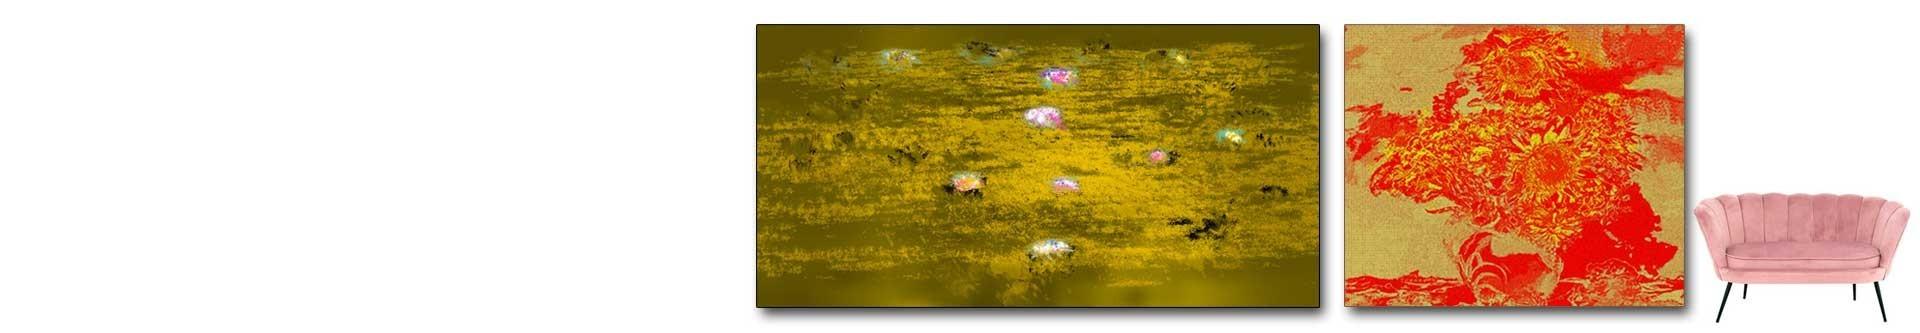 Złote plakaty i złote obrazy na płótnie • luksusowe dekoracje • GRAFIKIOBRAZY.PL